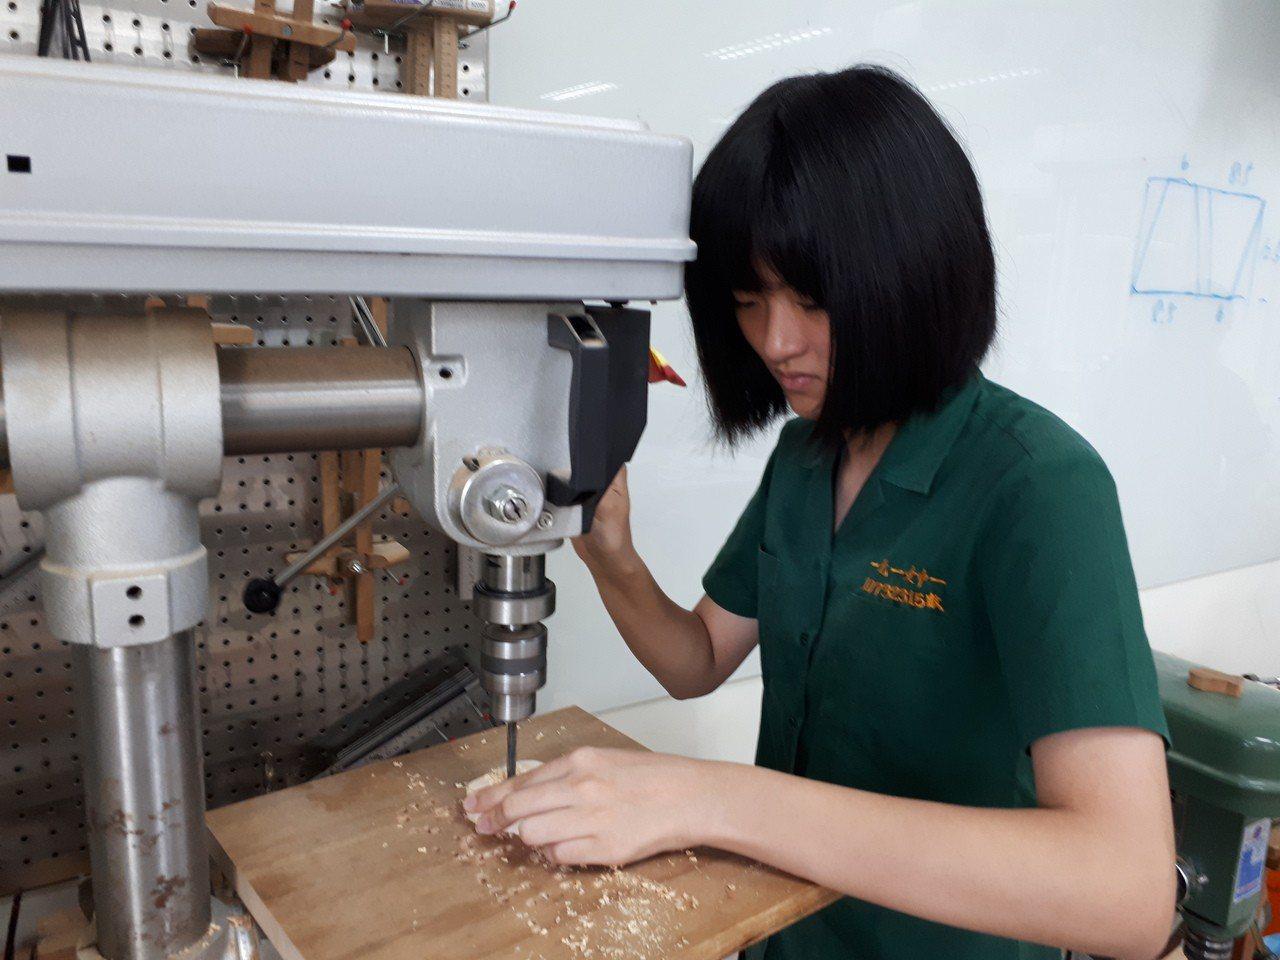 北一女開設初級木工課,並建置木工教室,學生上課很療癒。圖/北一女提供